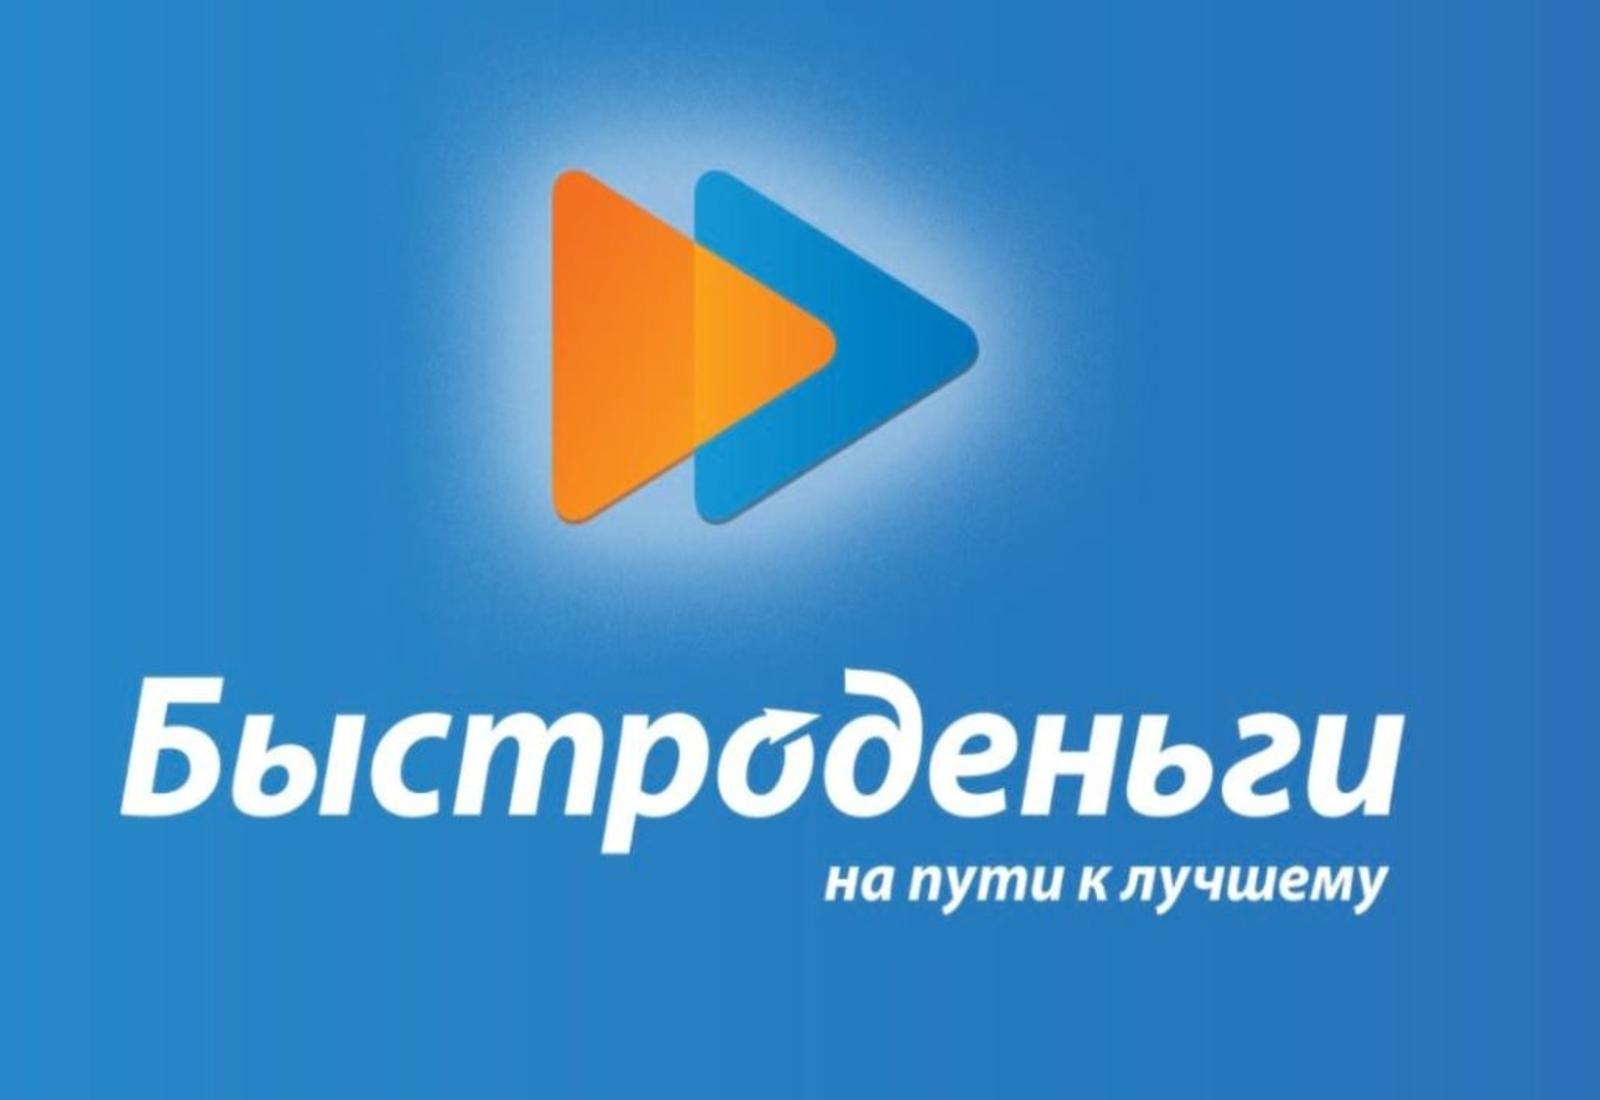 Заим в МФК Быстроденьги